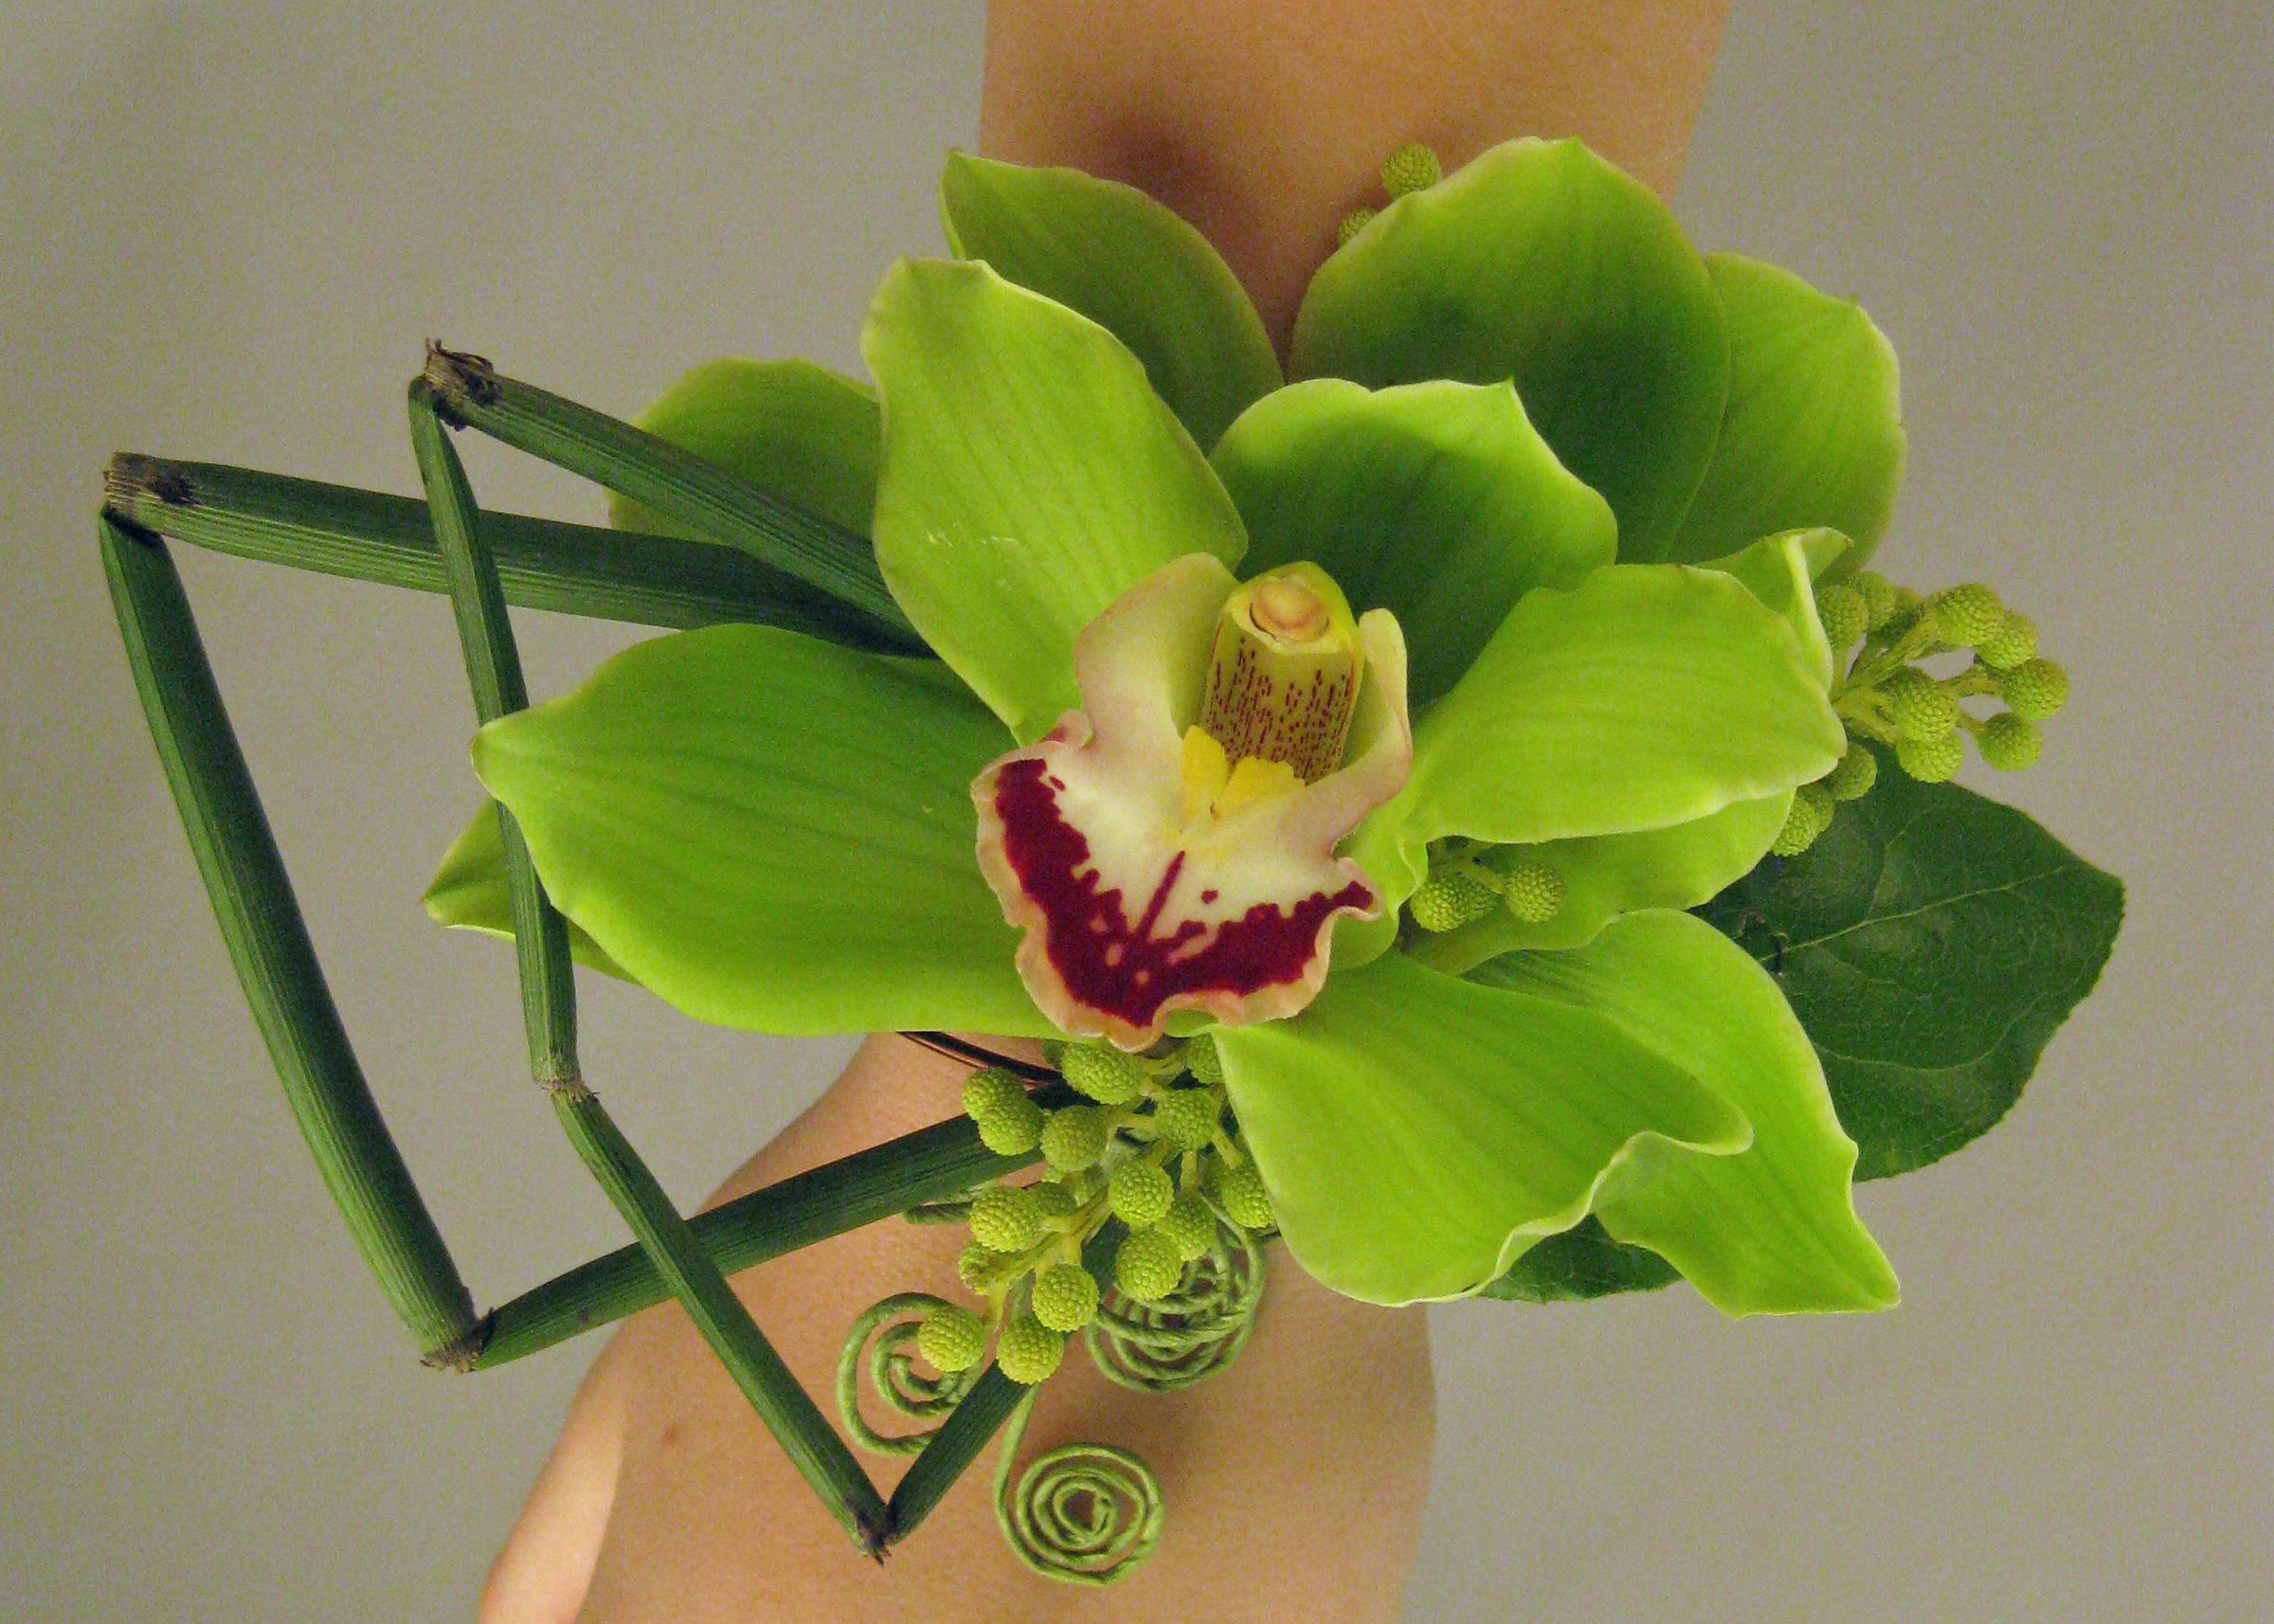 Cymbidium Orchid Wrist Corsages: Floral Design By Jacqueline Ahne's Blog